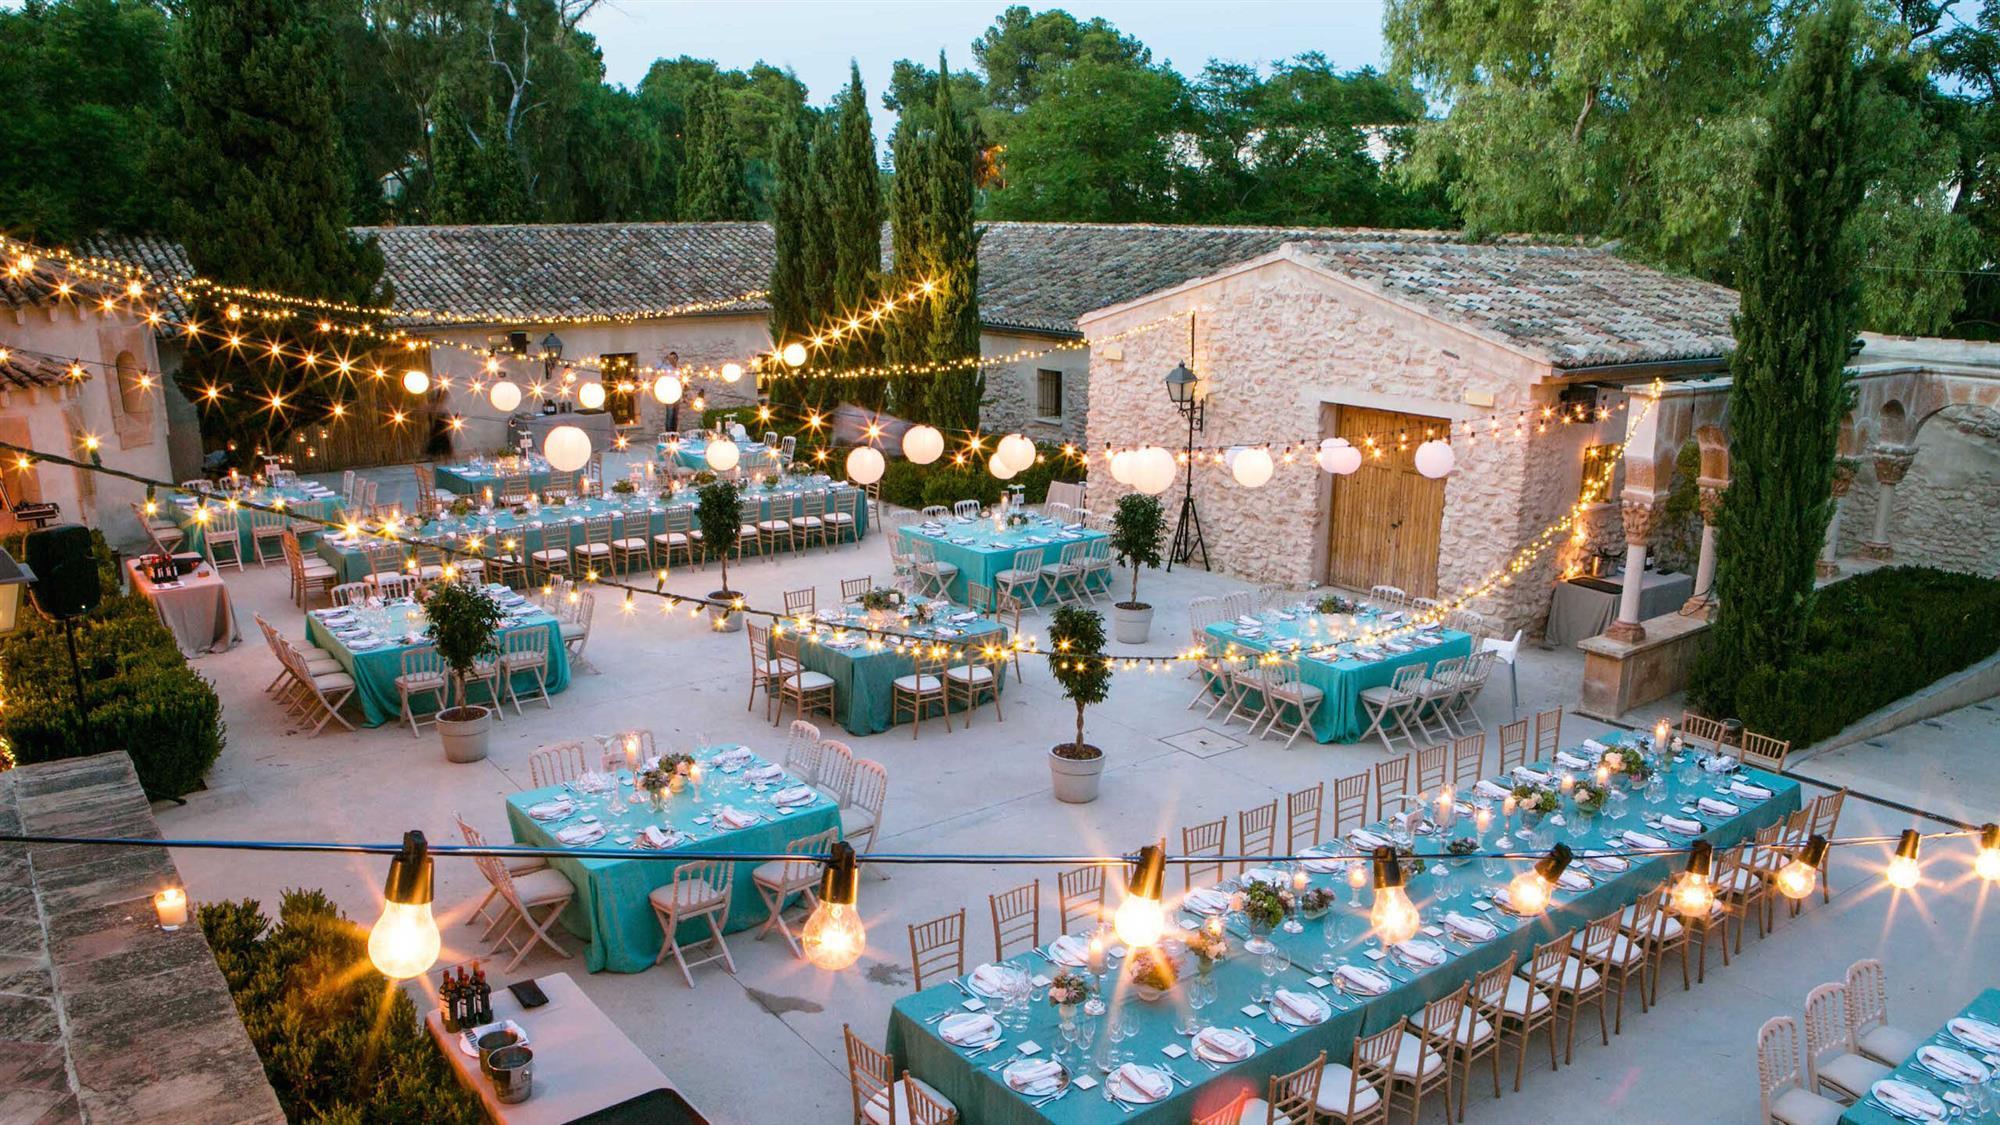 Lugares con encanto para casarse - Sitios para casarse en madrid ...